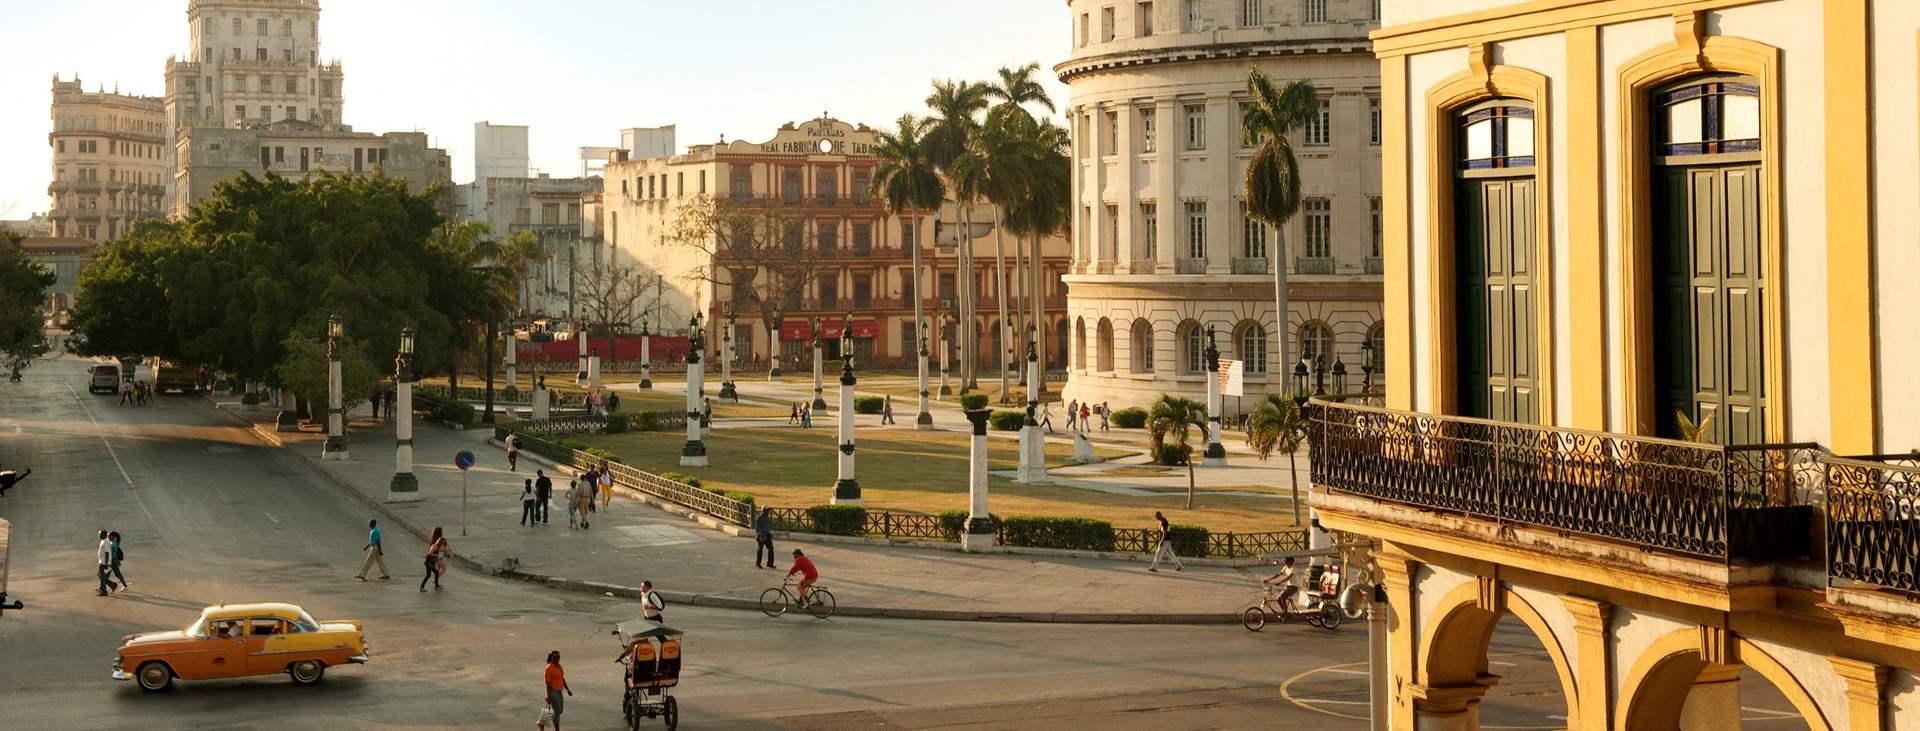 Varaa matka Havannaan, Kuubaan Tjäreborgilta